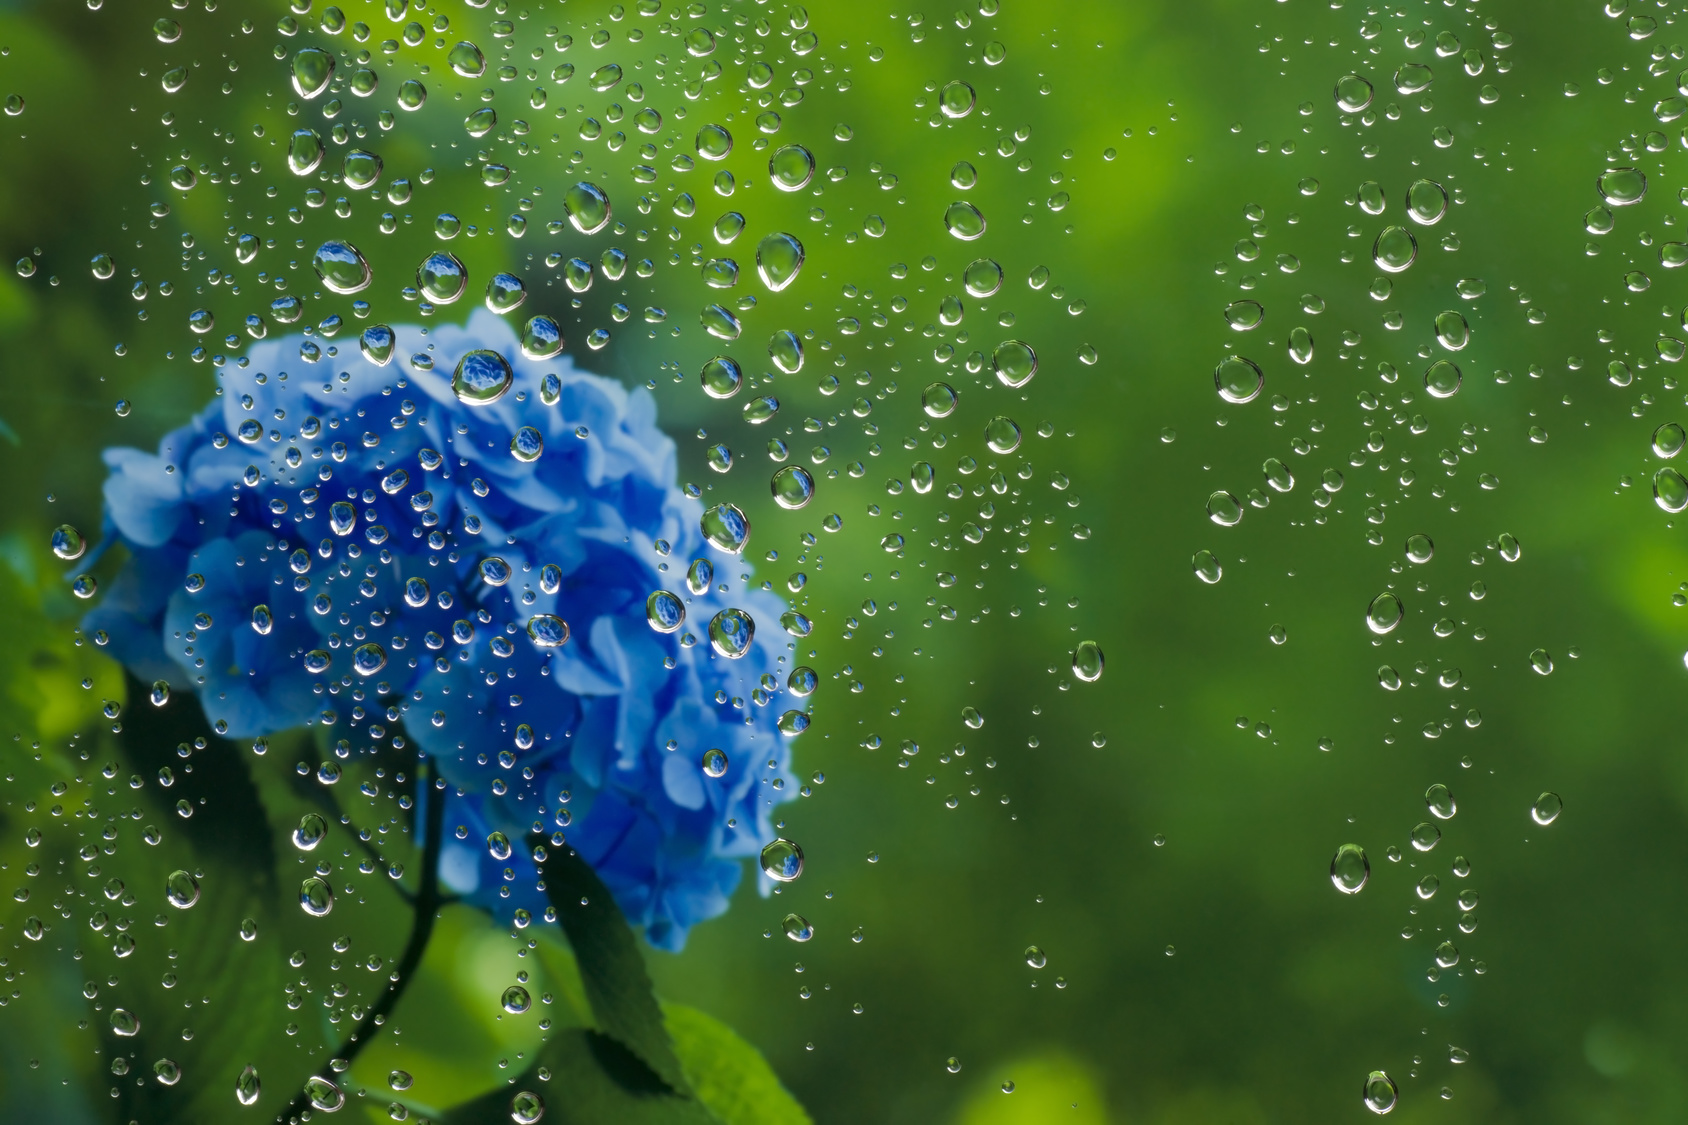 いつ 開ける 梅雨